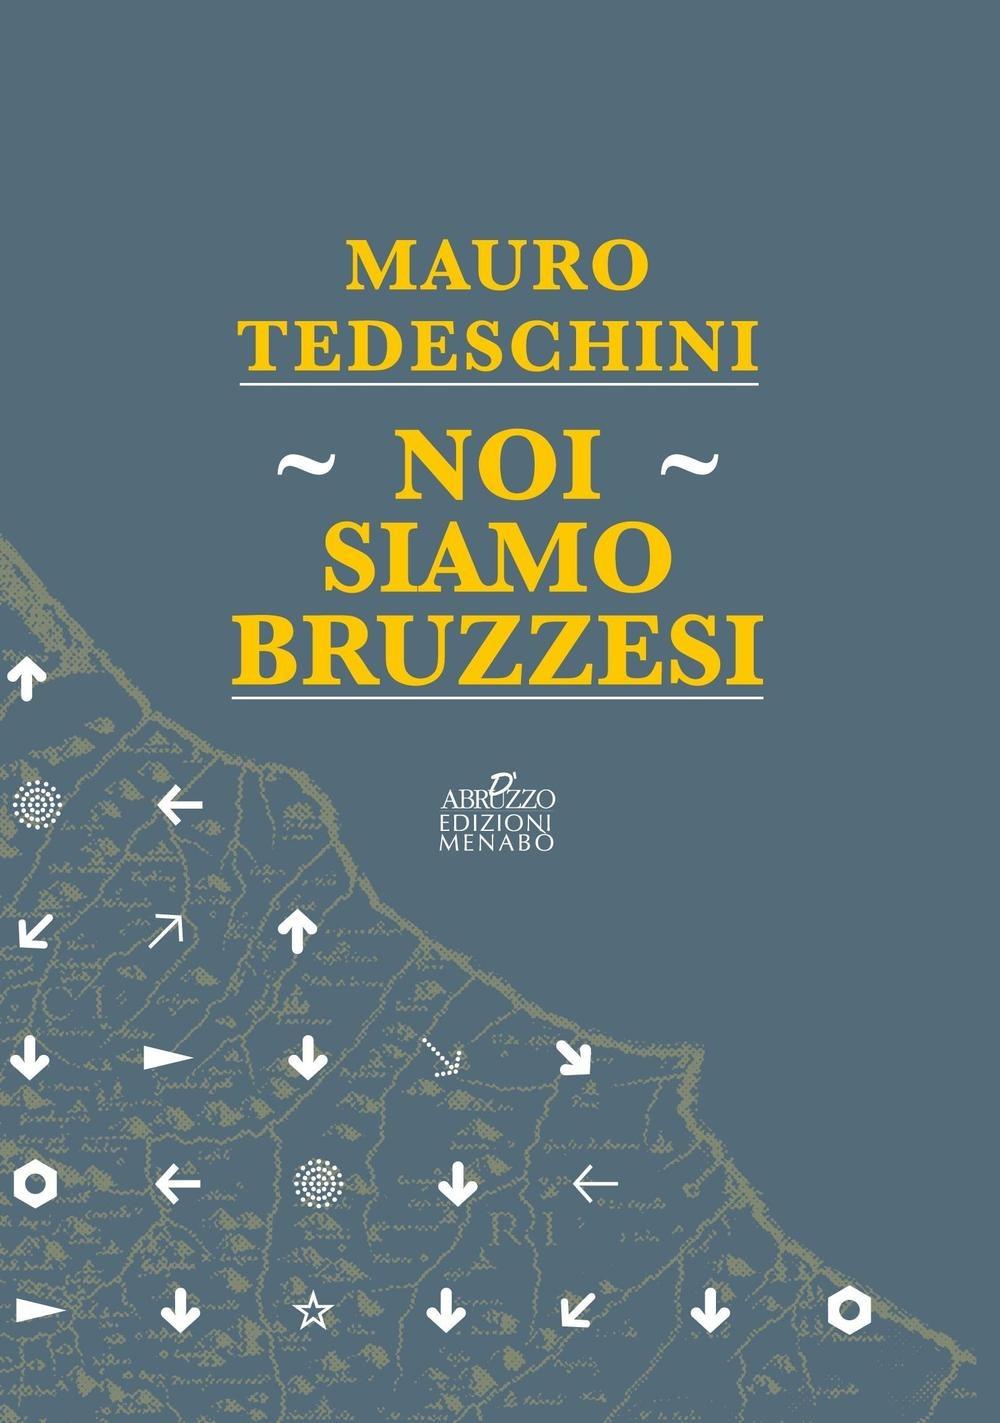 """""""Noi siamo Bruzzesi"""" il libro di Mauro Tedeschini presentato in questa nota dallo storico Mario Setta"""